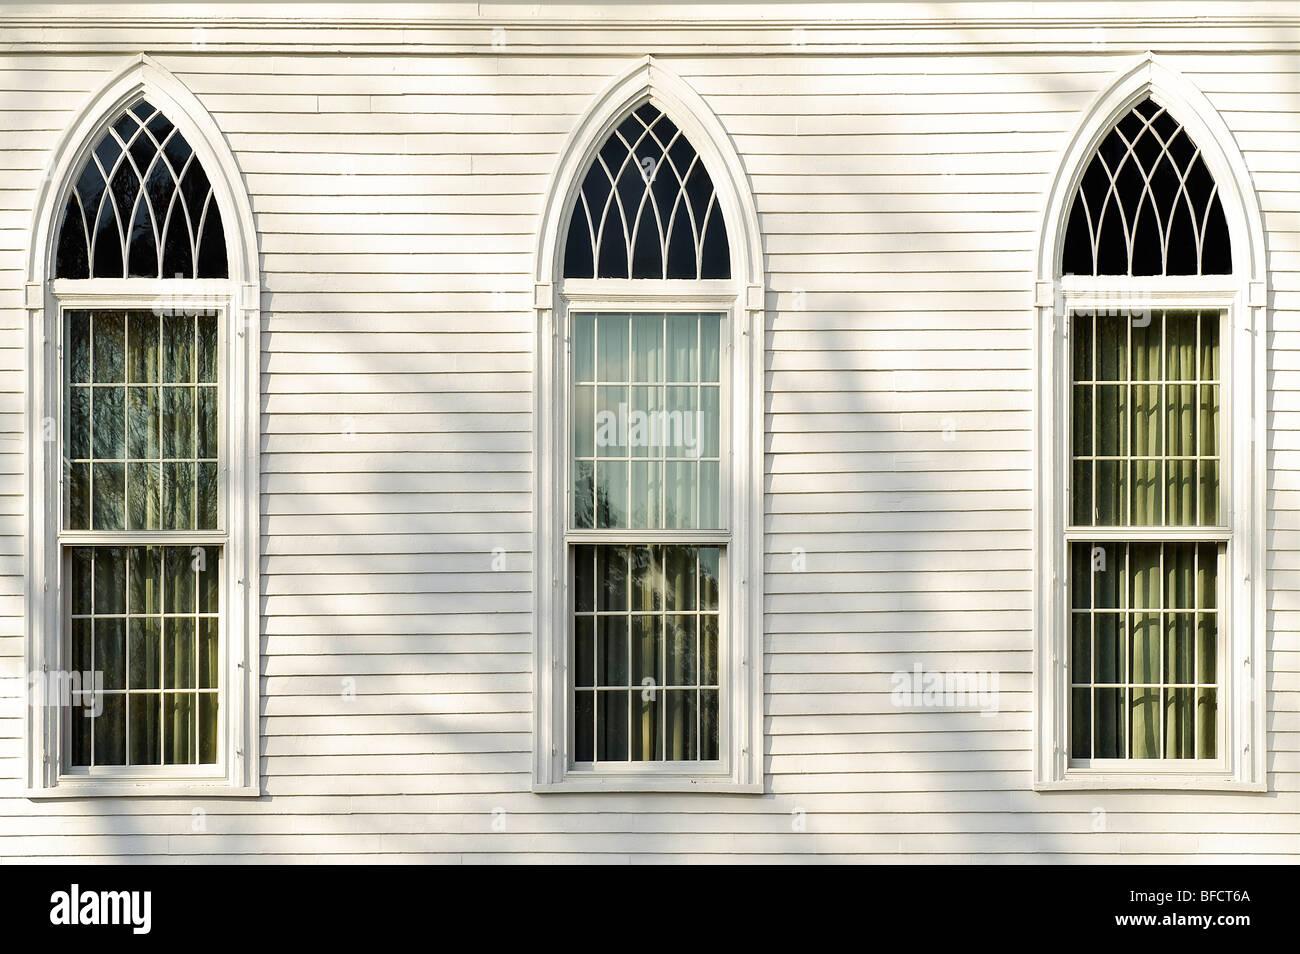 La finestra della Chiesa particolare. Immagini Stock